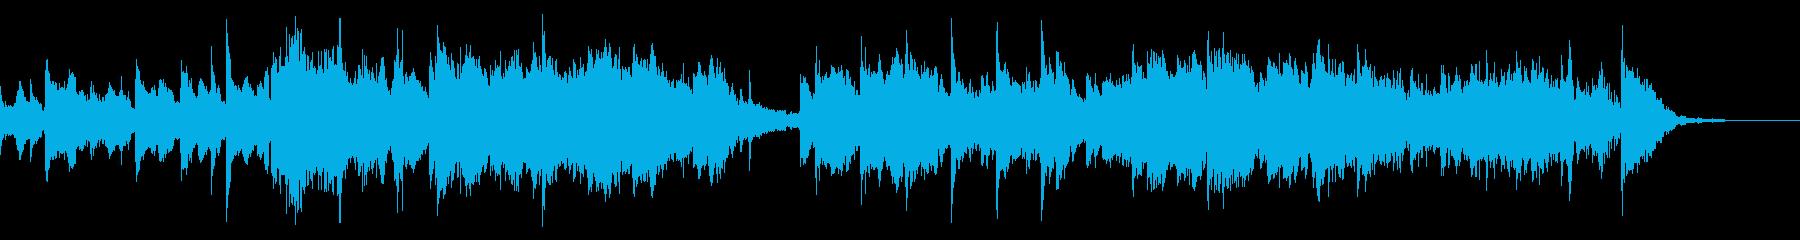 流ゆく時間をイメージした曲の再生済みの波形